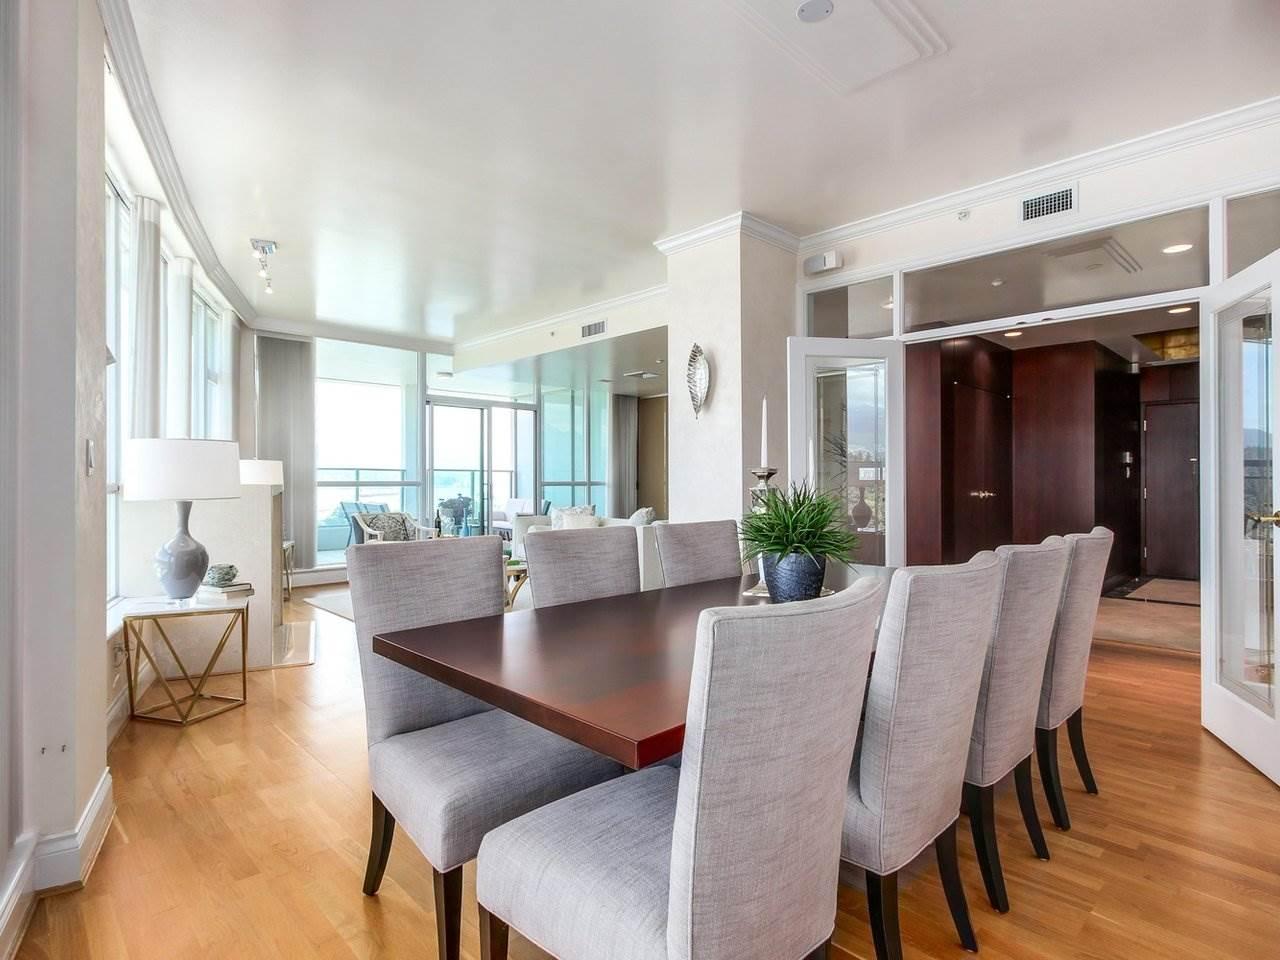 Condo Apartment at PH2 1777 BAYSHORE DRIVE, Unit PH2, Vancouver West, British Columbia. Image 8